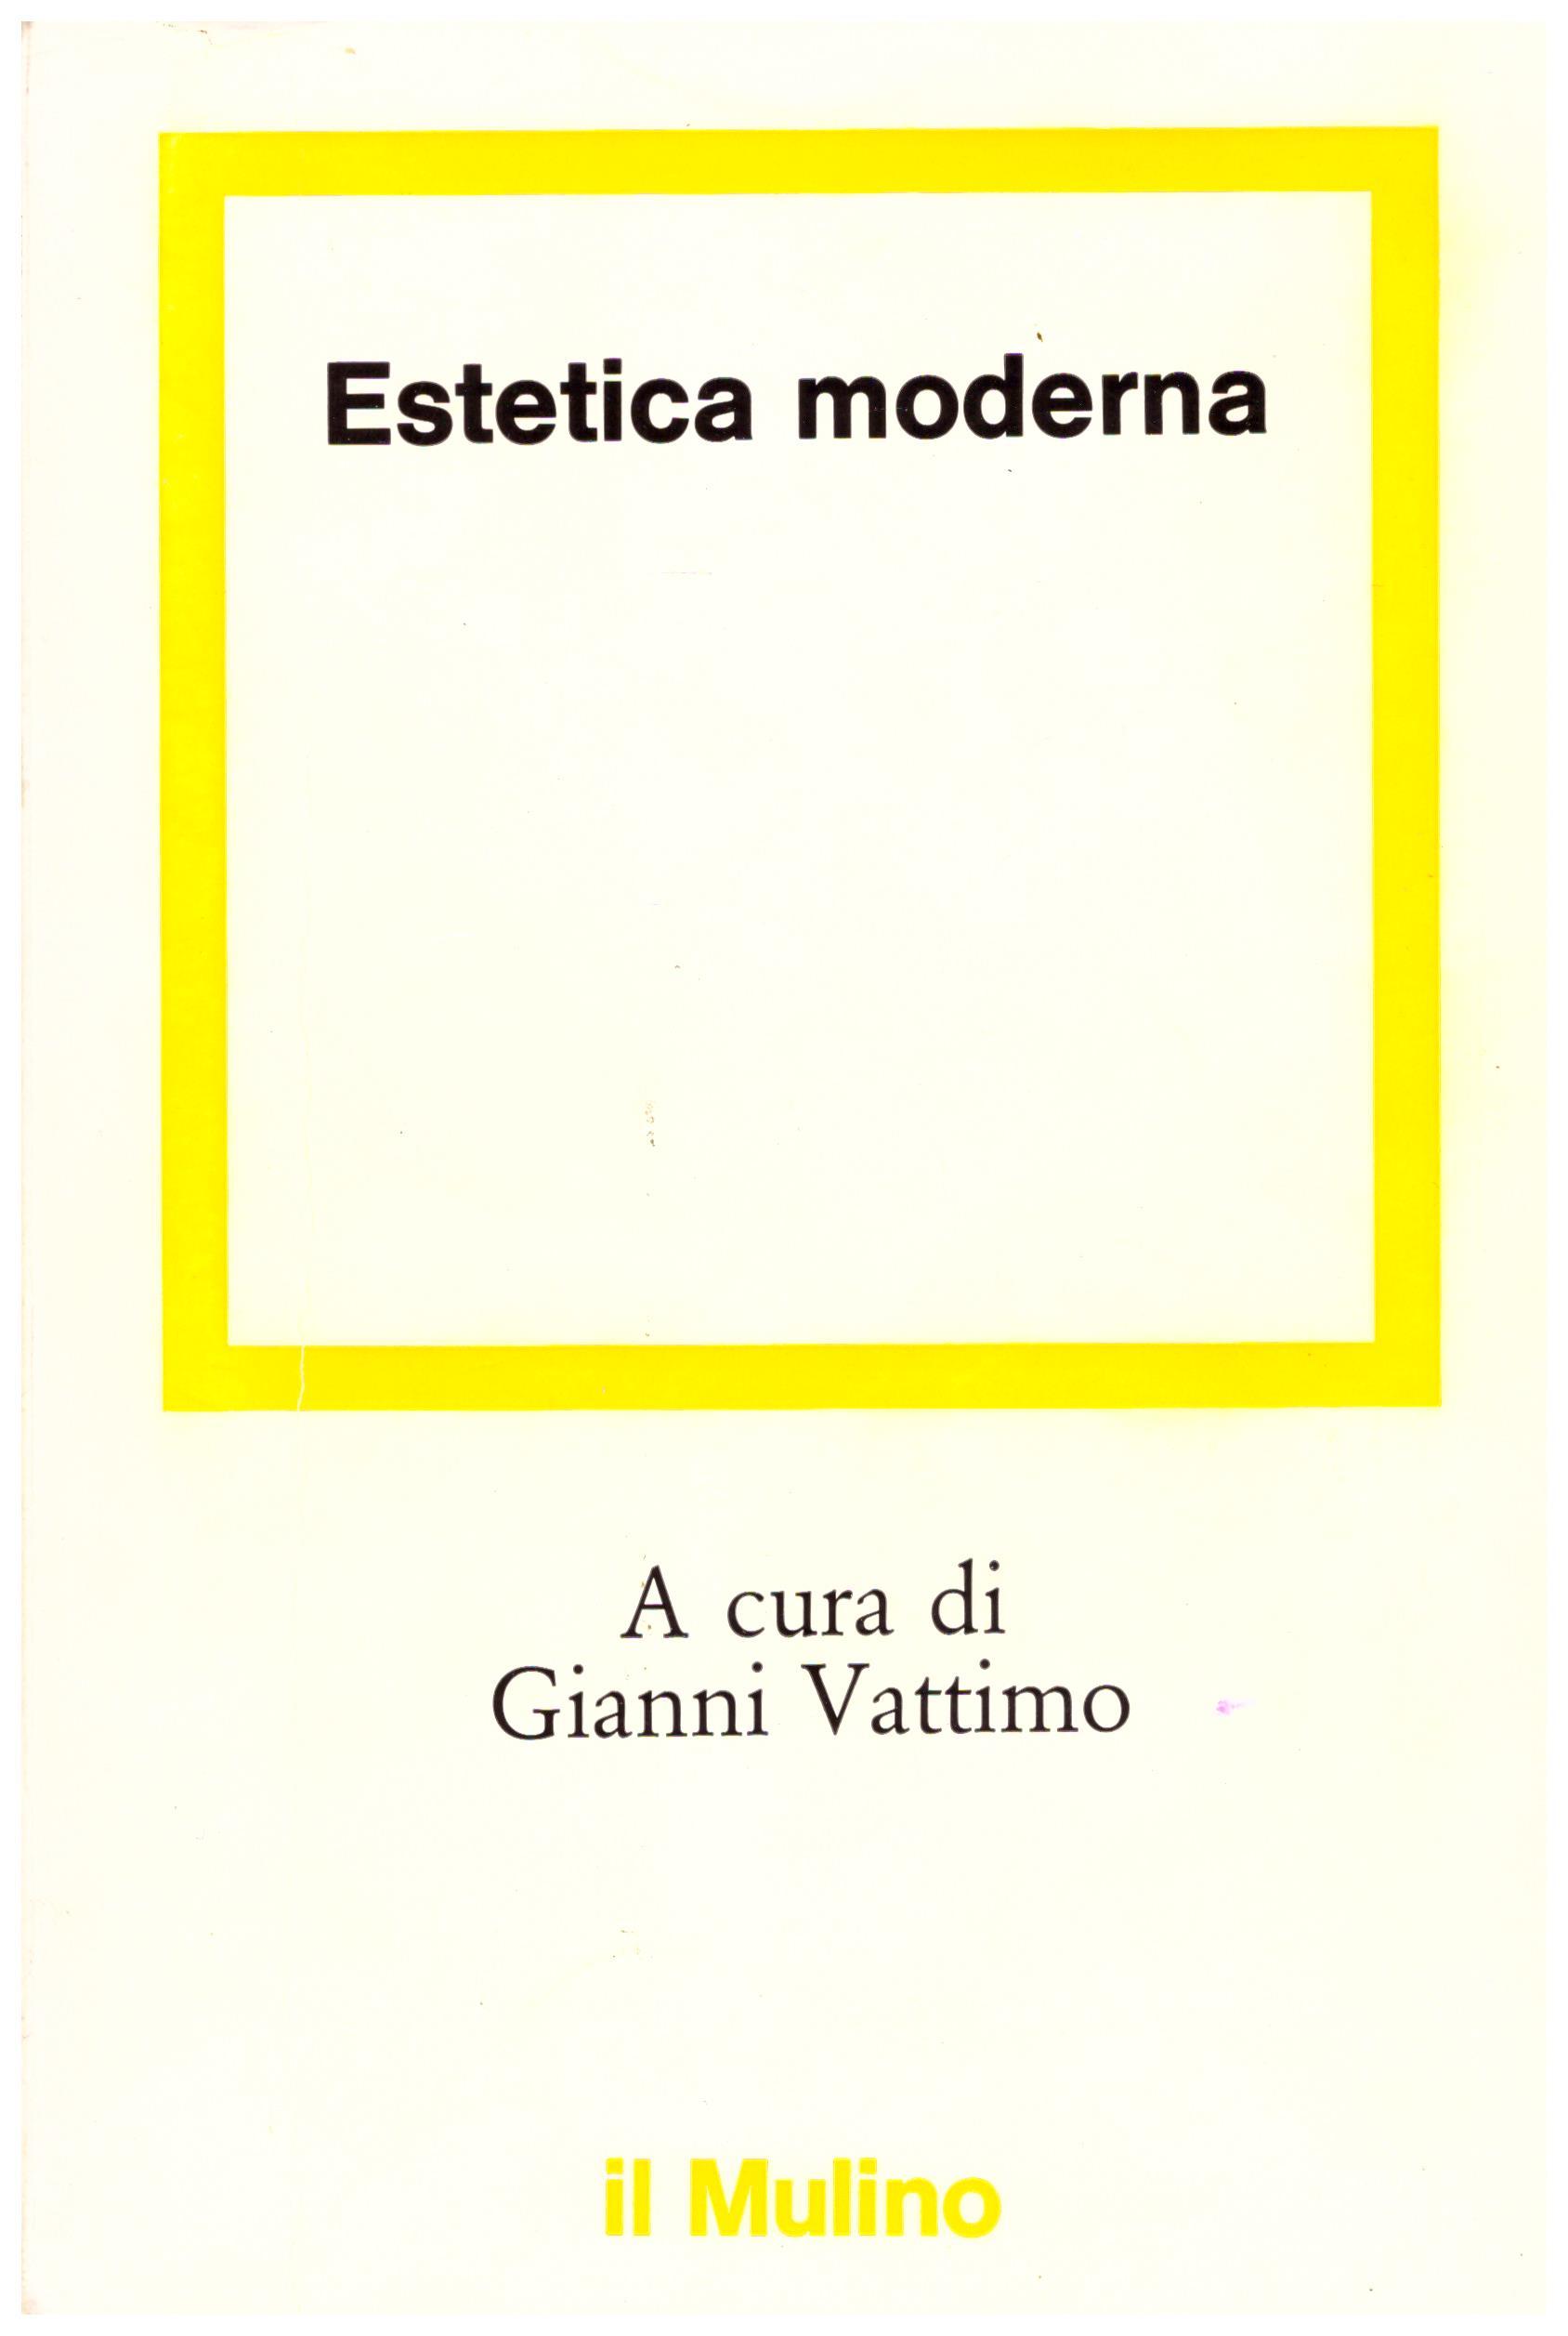 Titolo: Estetica moderna Autore: AA.VV. A cura di Gianni Vattimo Editore: Il Mulino, 1977